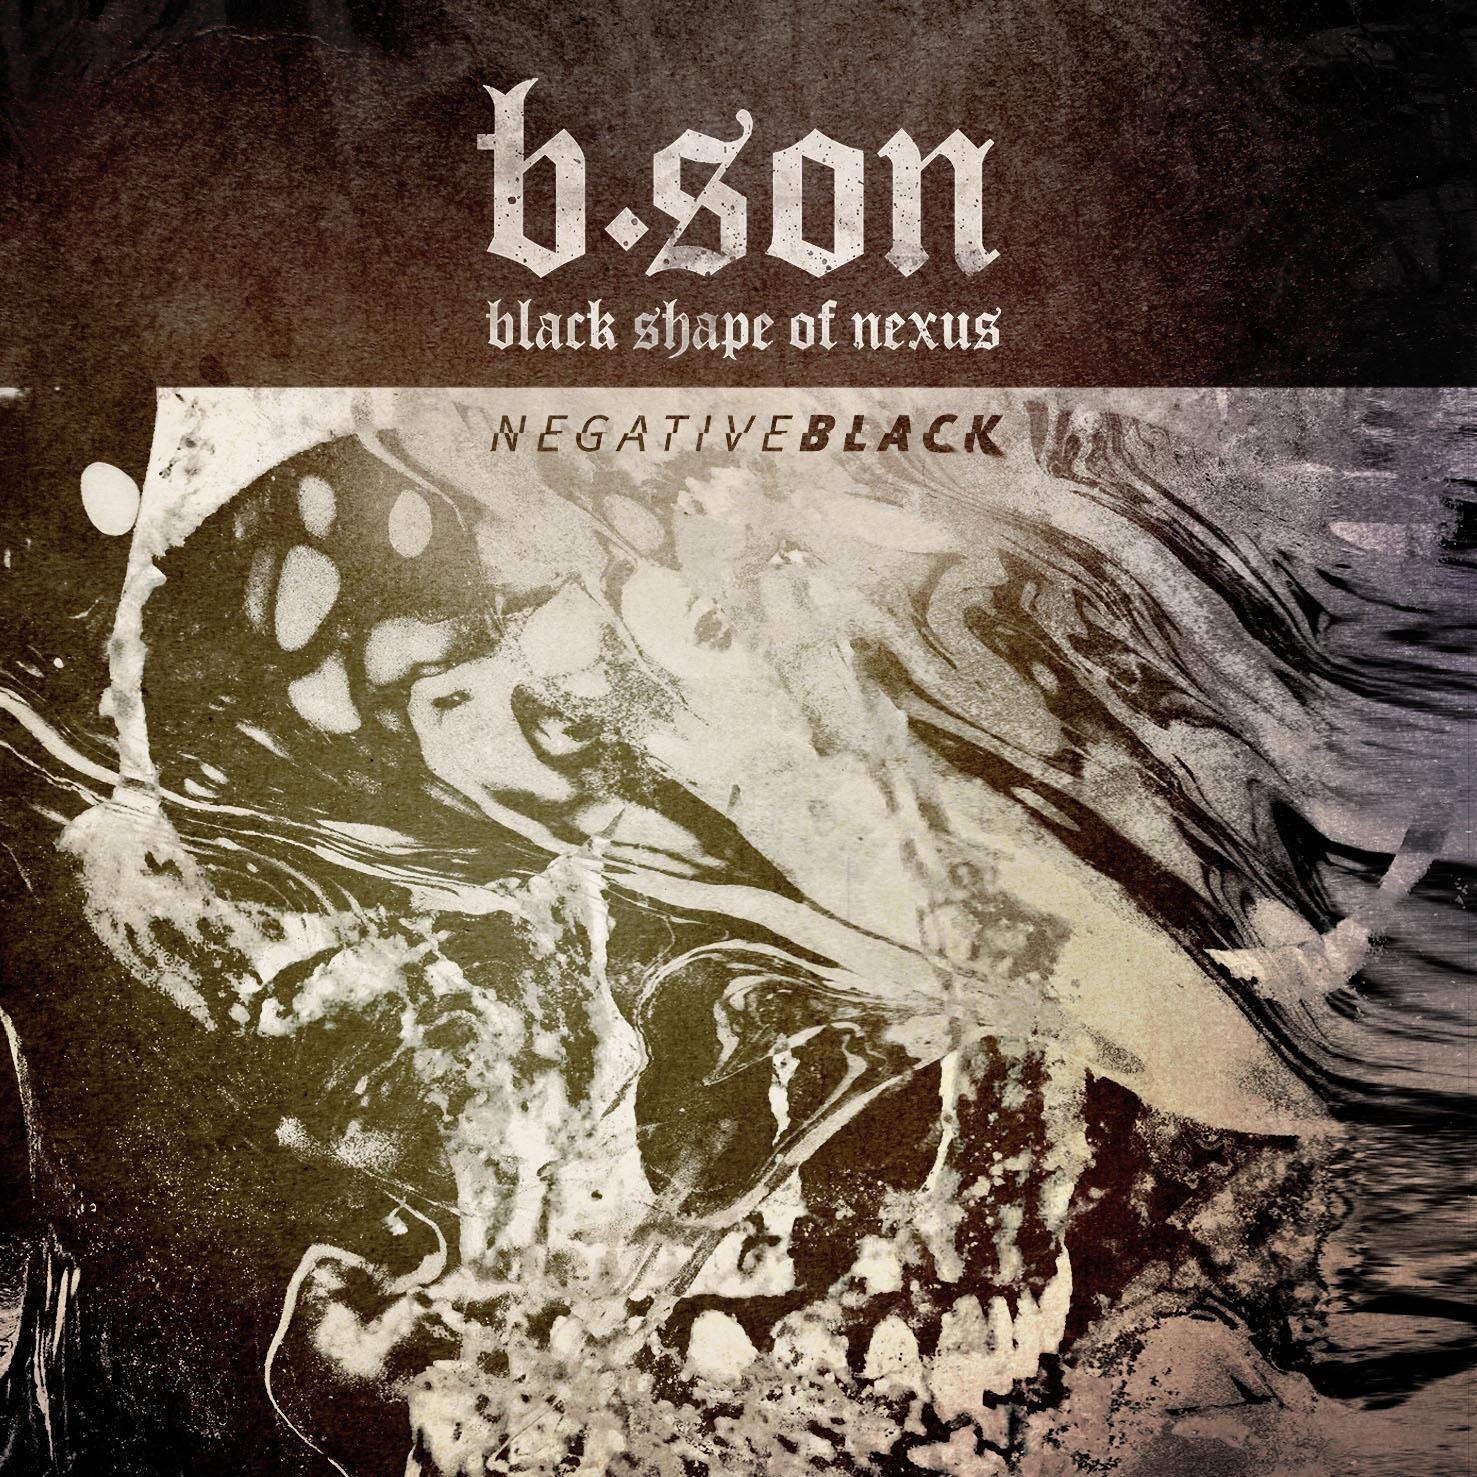 Die besten Doom und Stoner Metal-Alben 2012